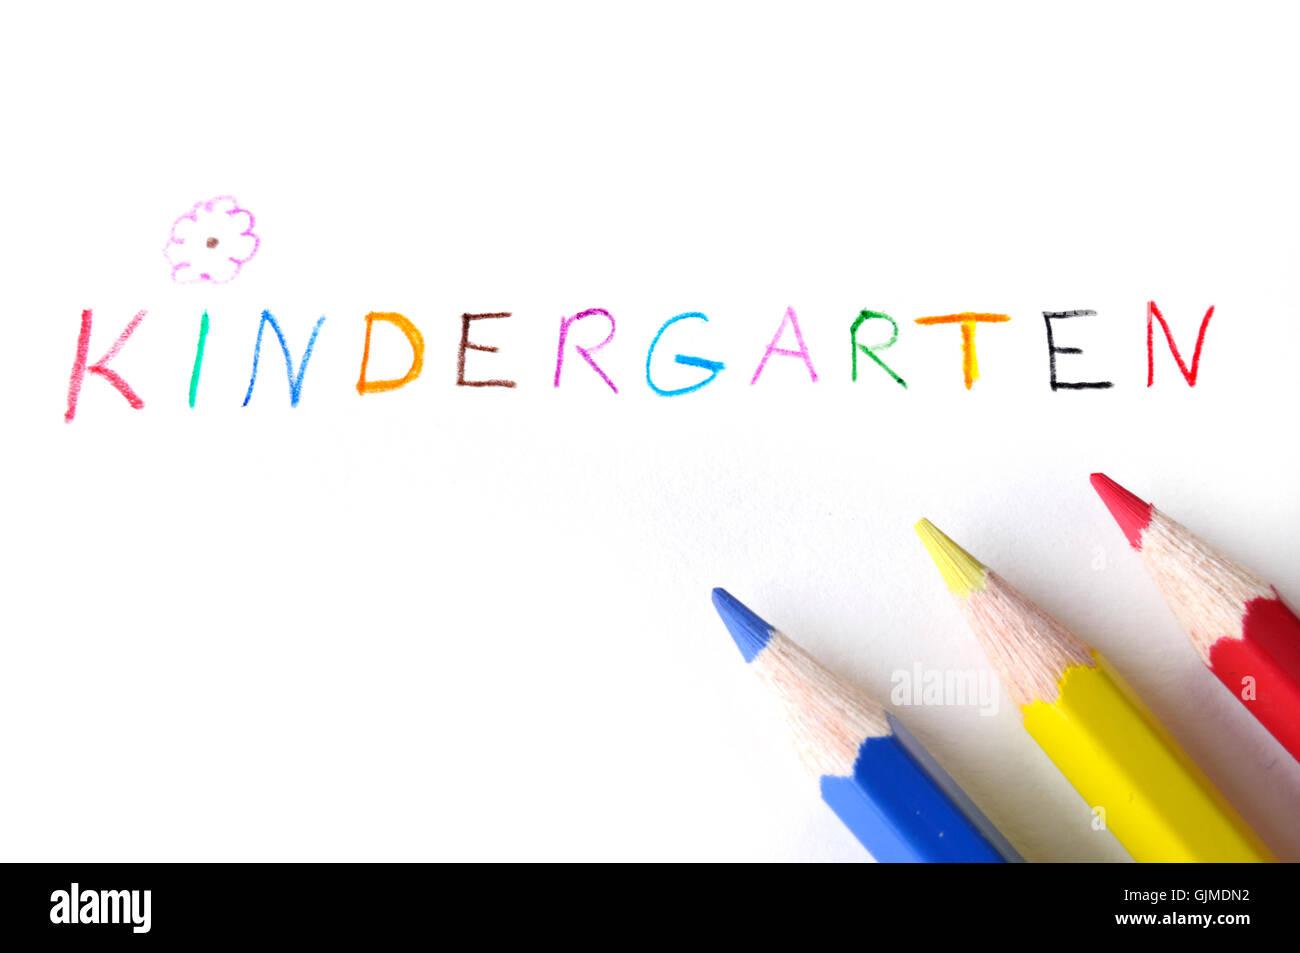 learn elemental kindergarden - Stock Image